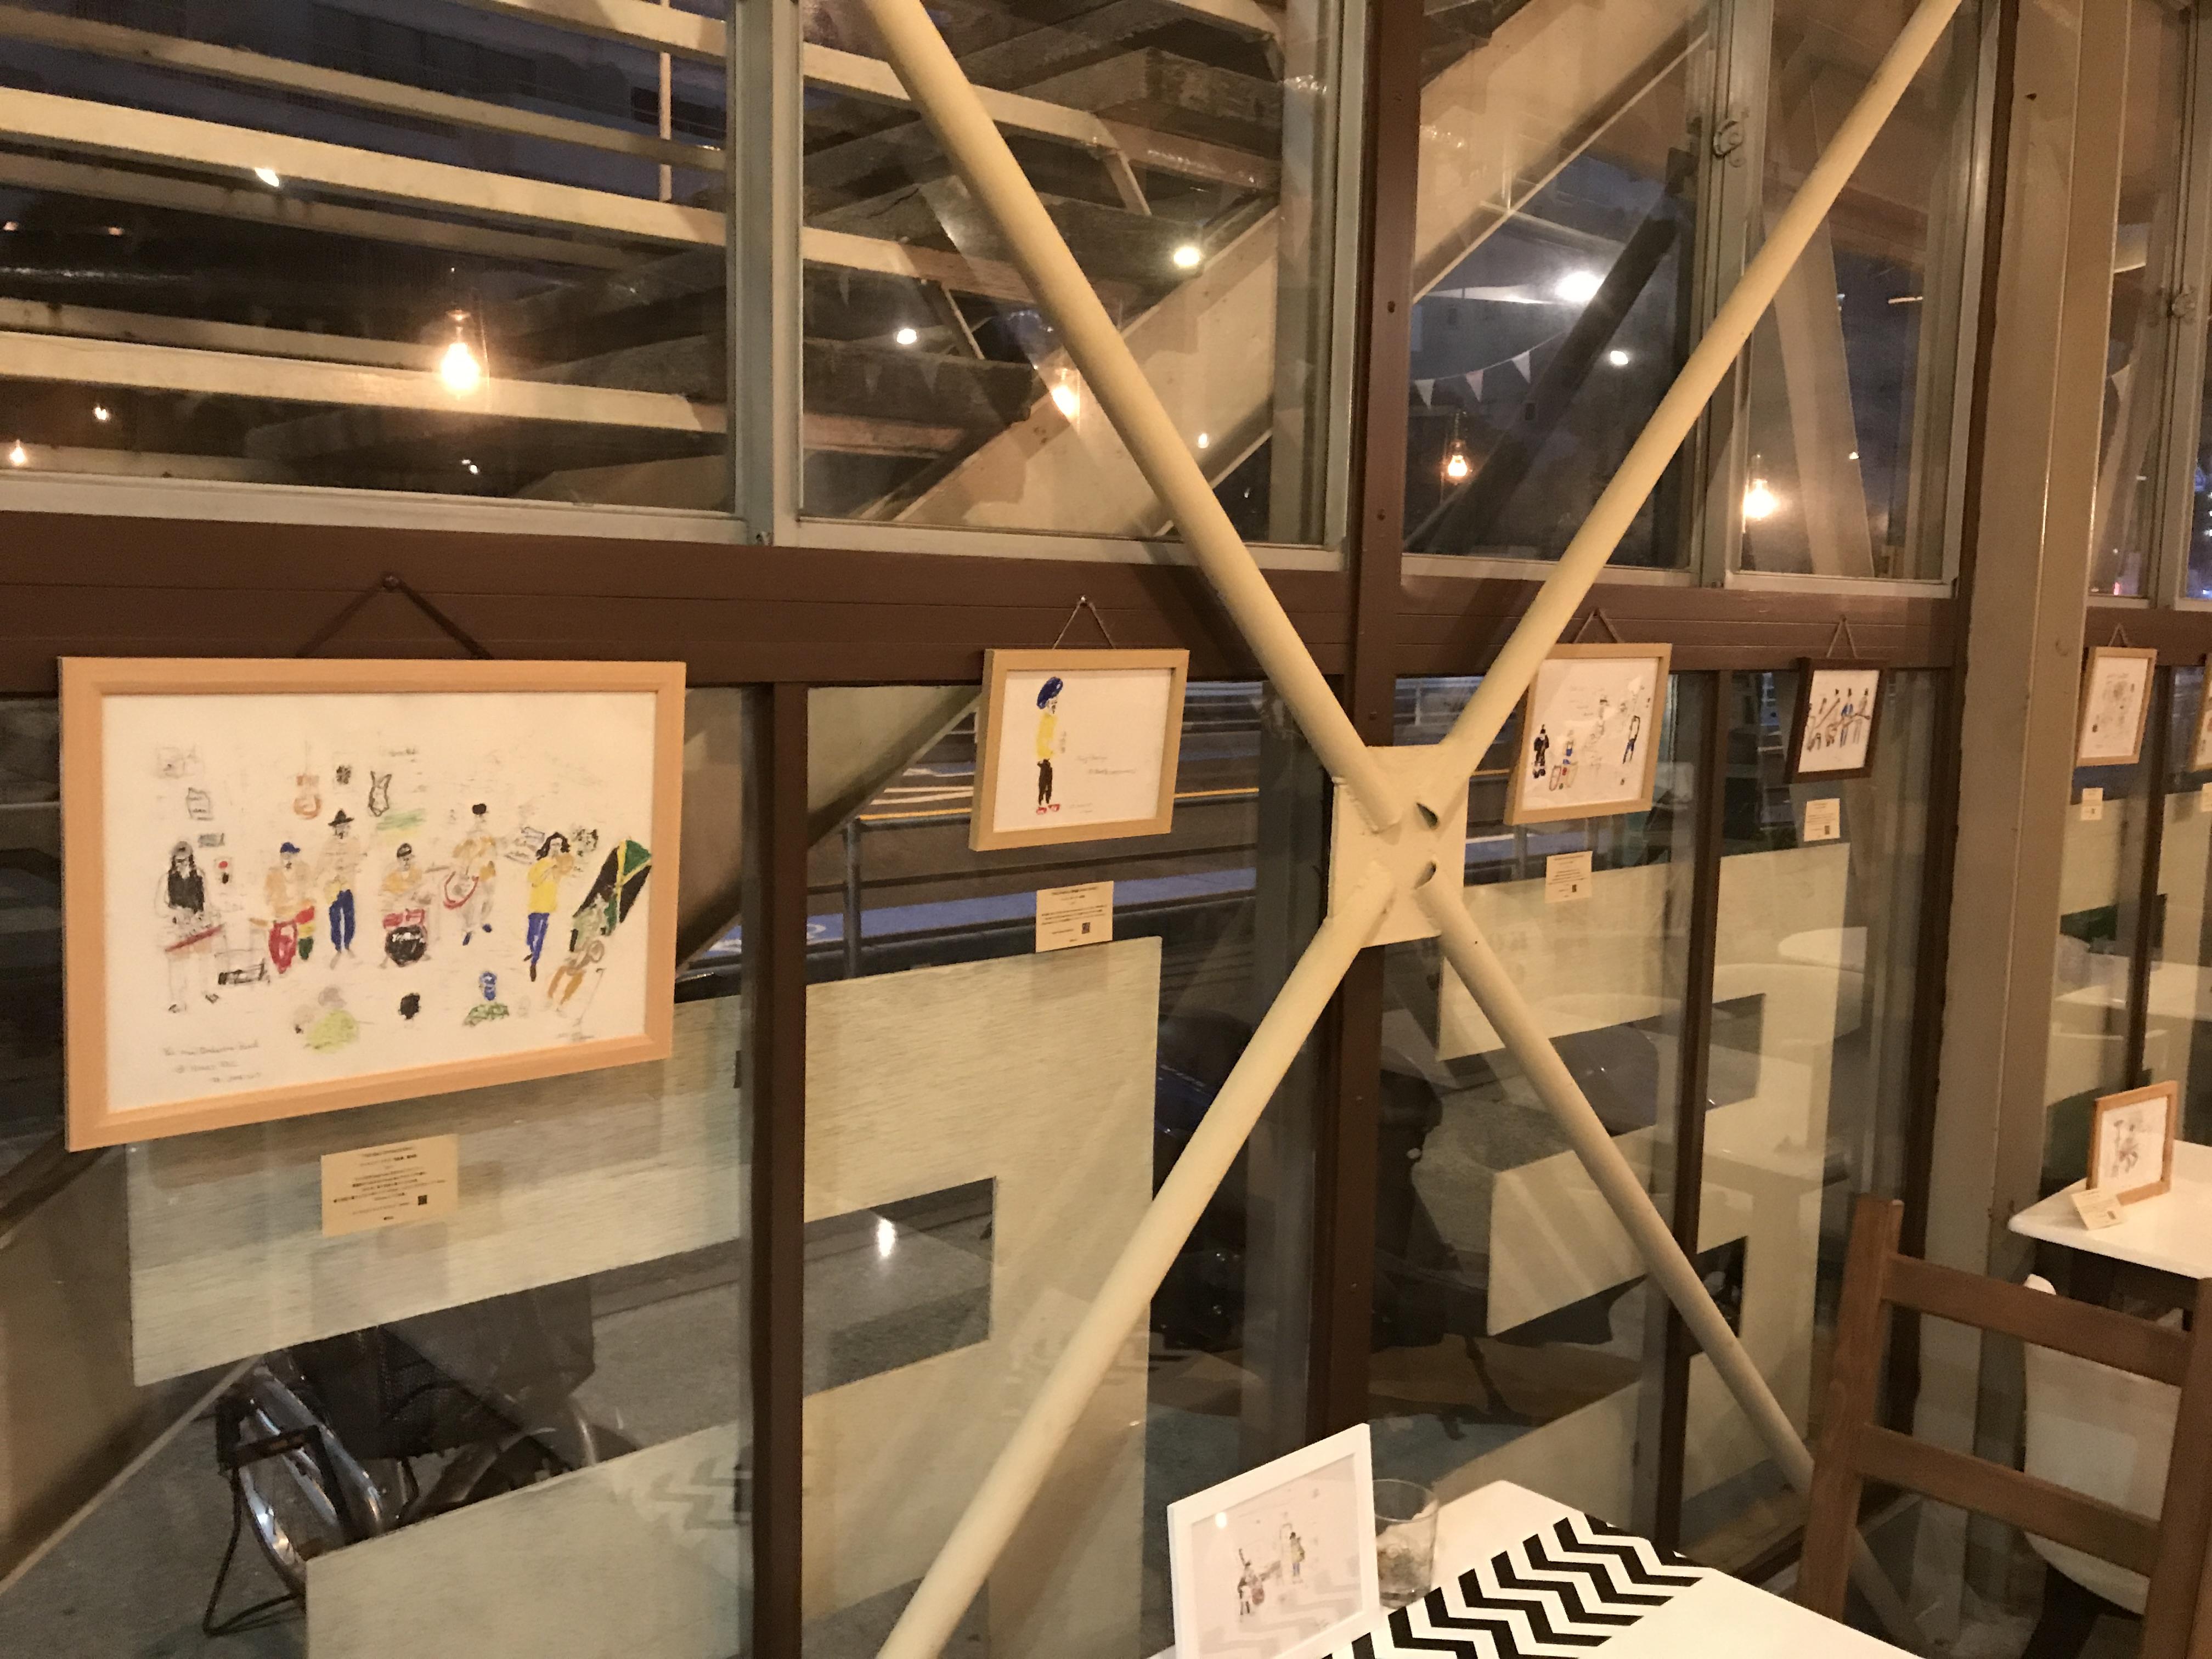 サイたまの音と人たちとエトセトラ展 2017